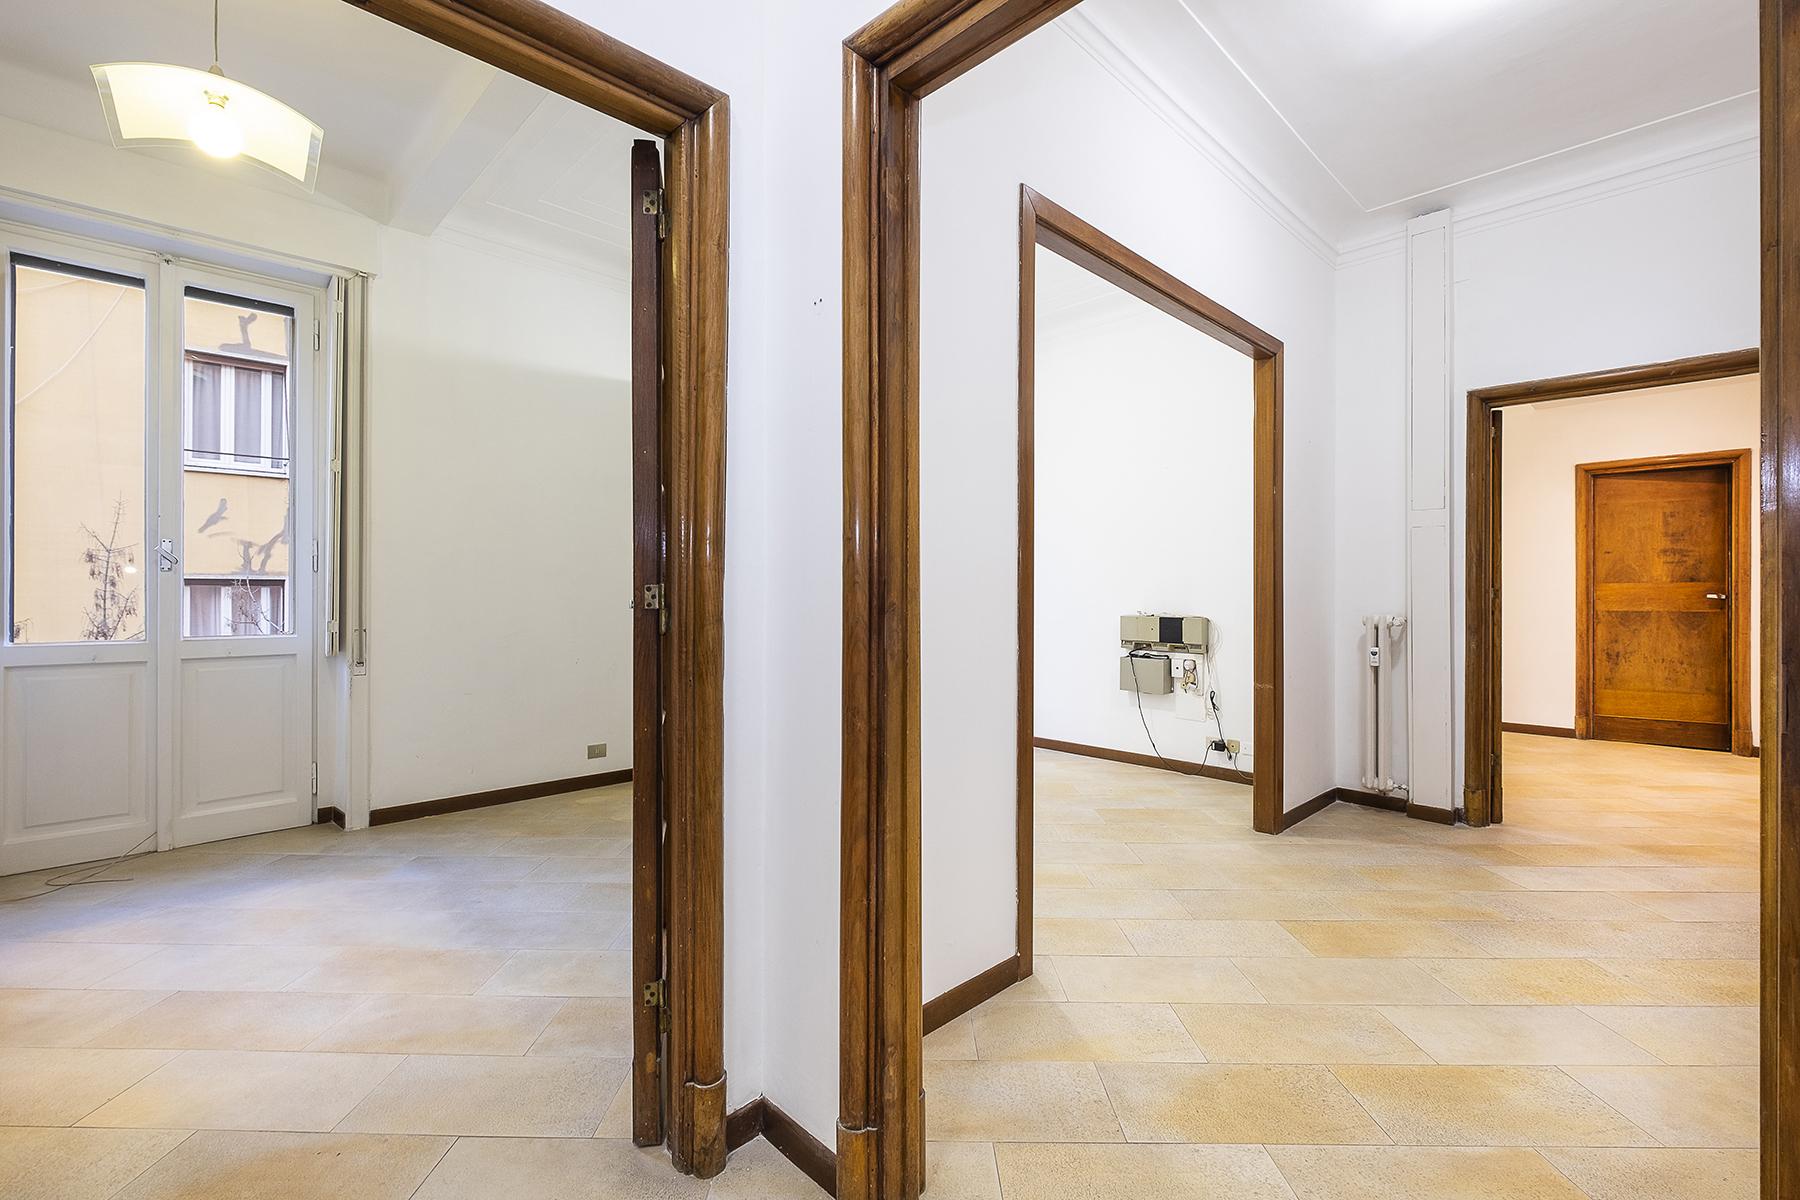 Appartamento di lusso in affitto a roma via angelo secchi for Appartamento affitto arredato roma